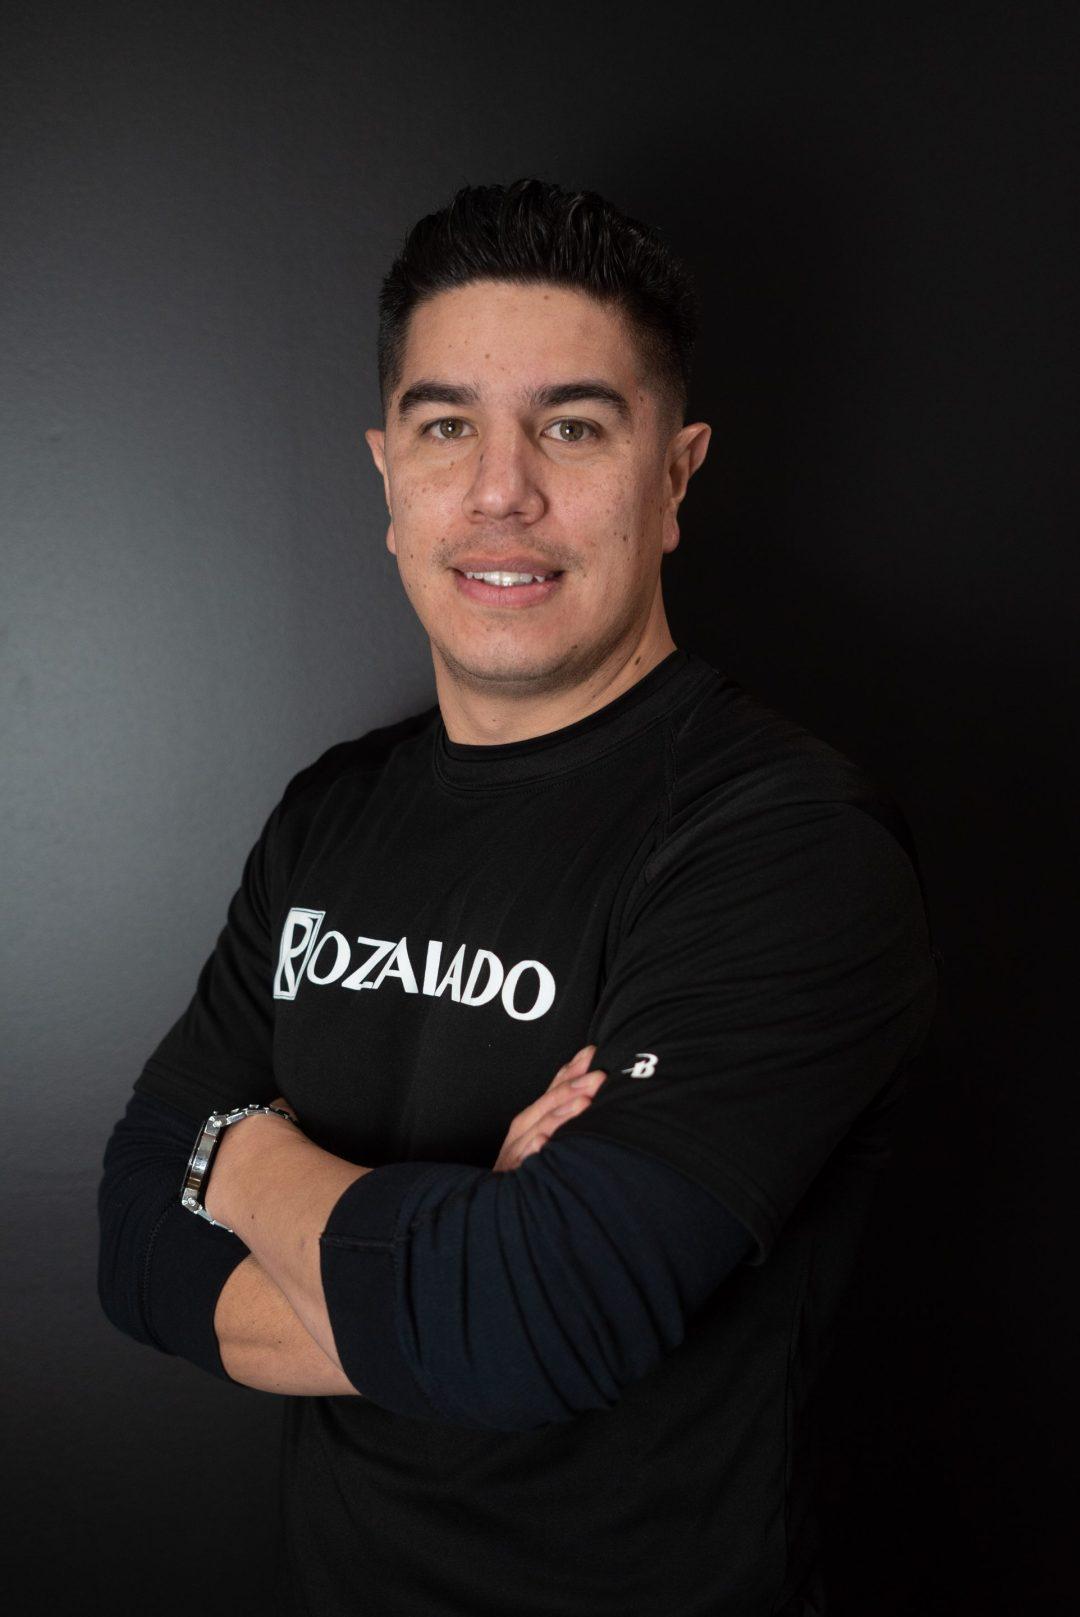 Ricardo Regalado